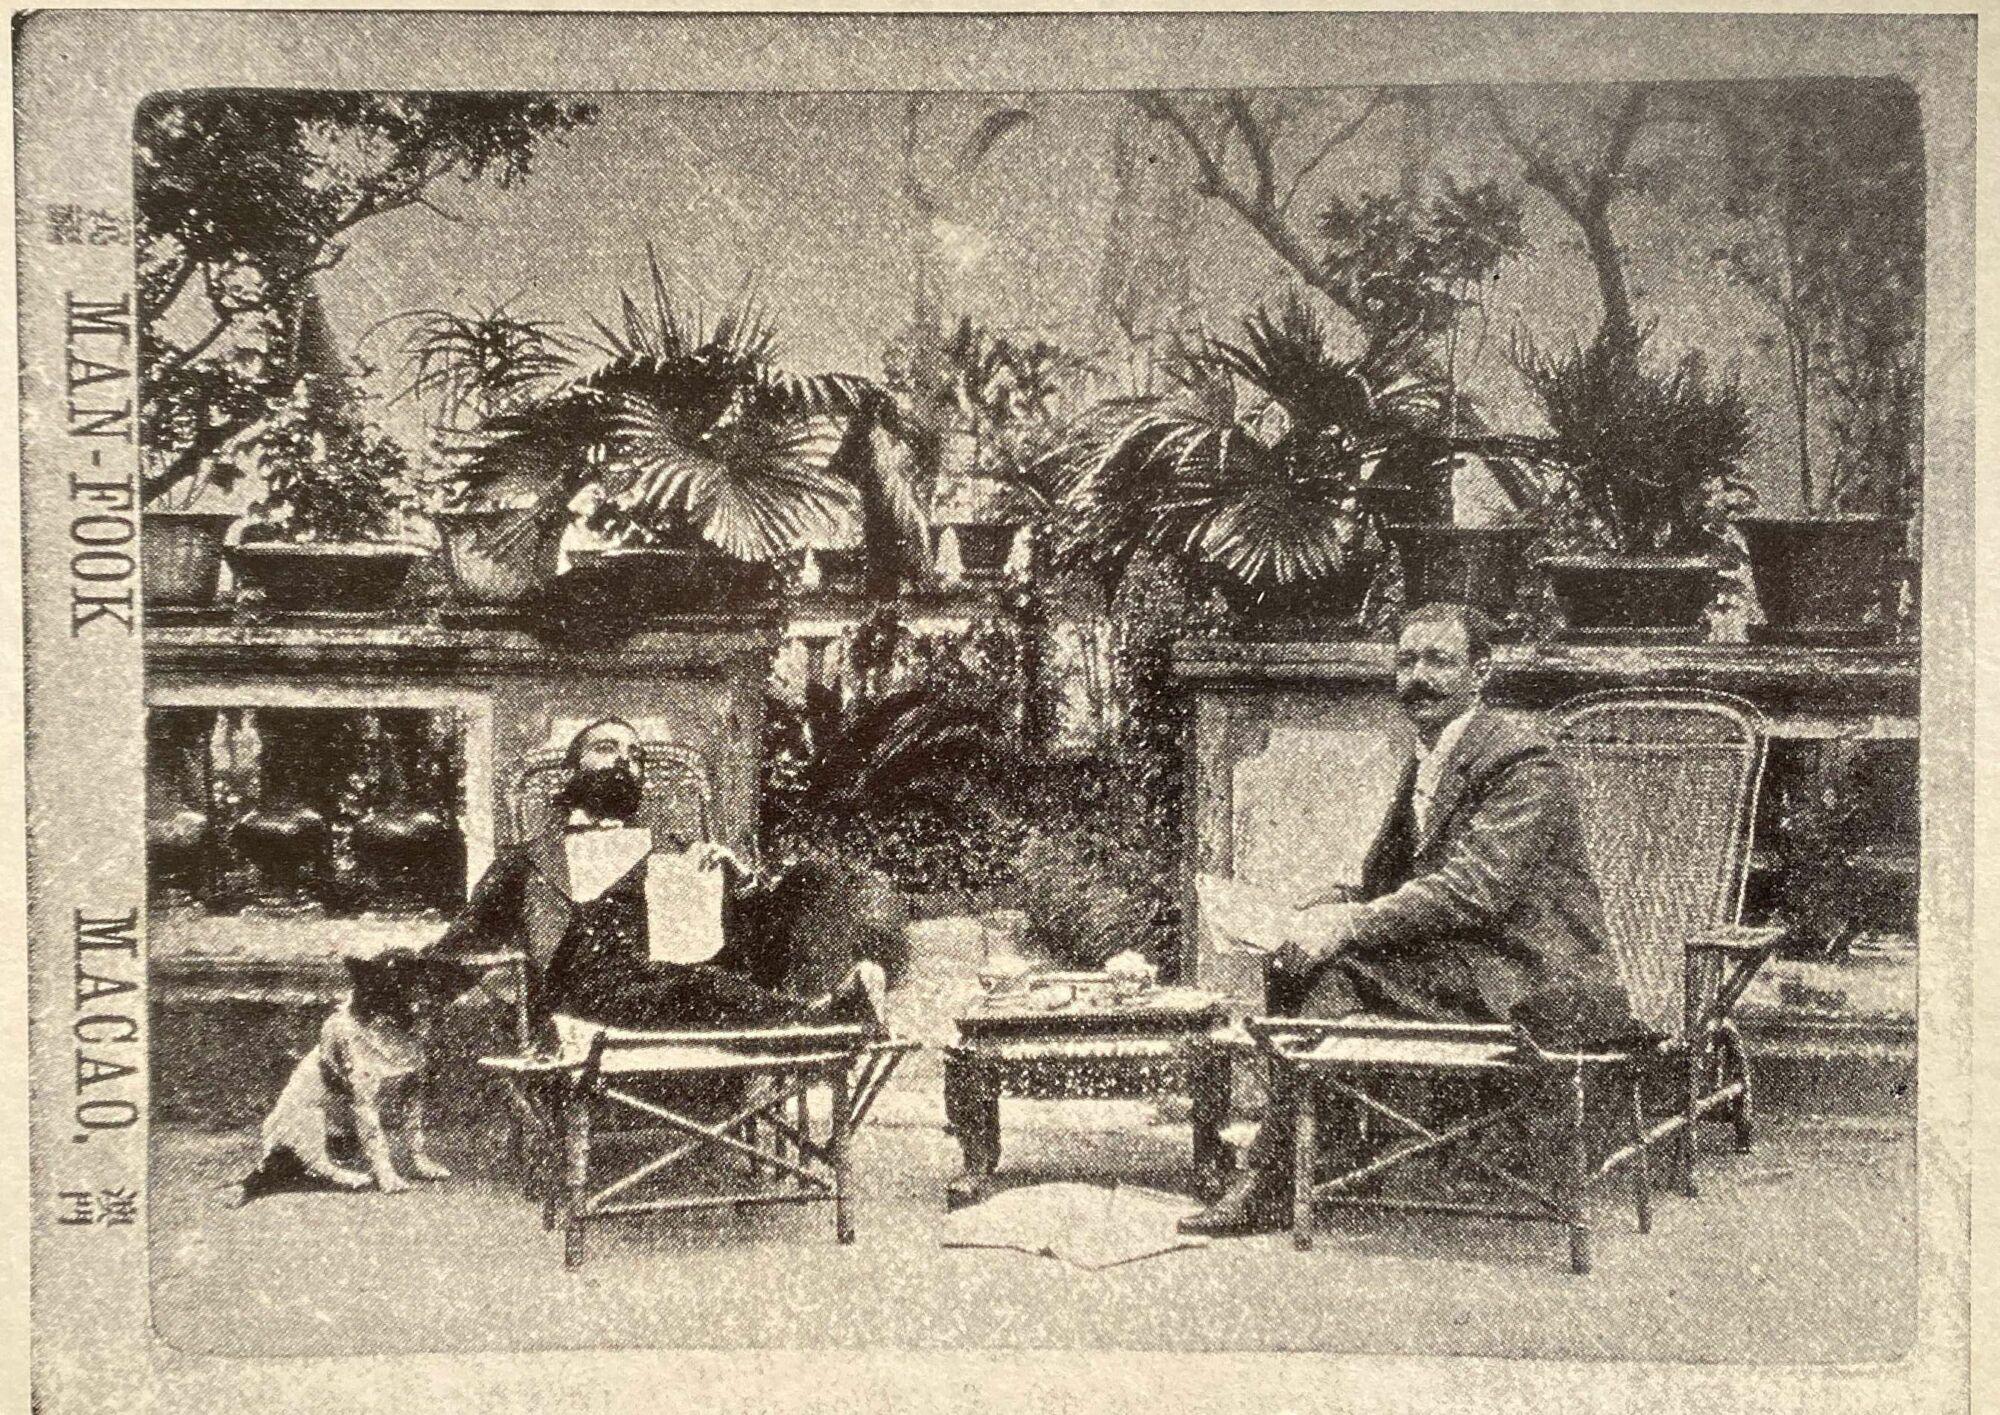 Camilo Pessanha with his Dog Arminho and Friend Joao Pereira Vasco Source and Credits Instituto Portugues do Oriente Macau 1990